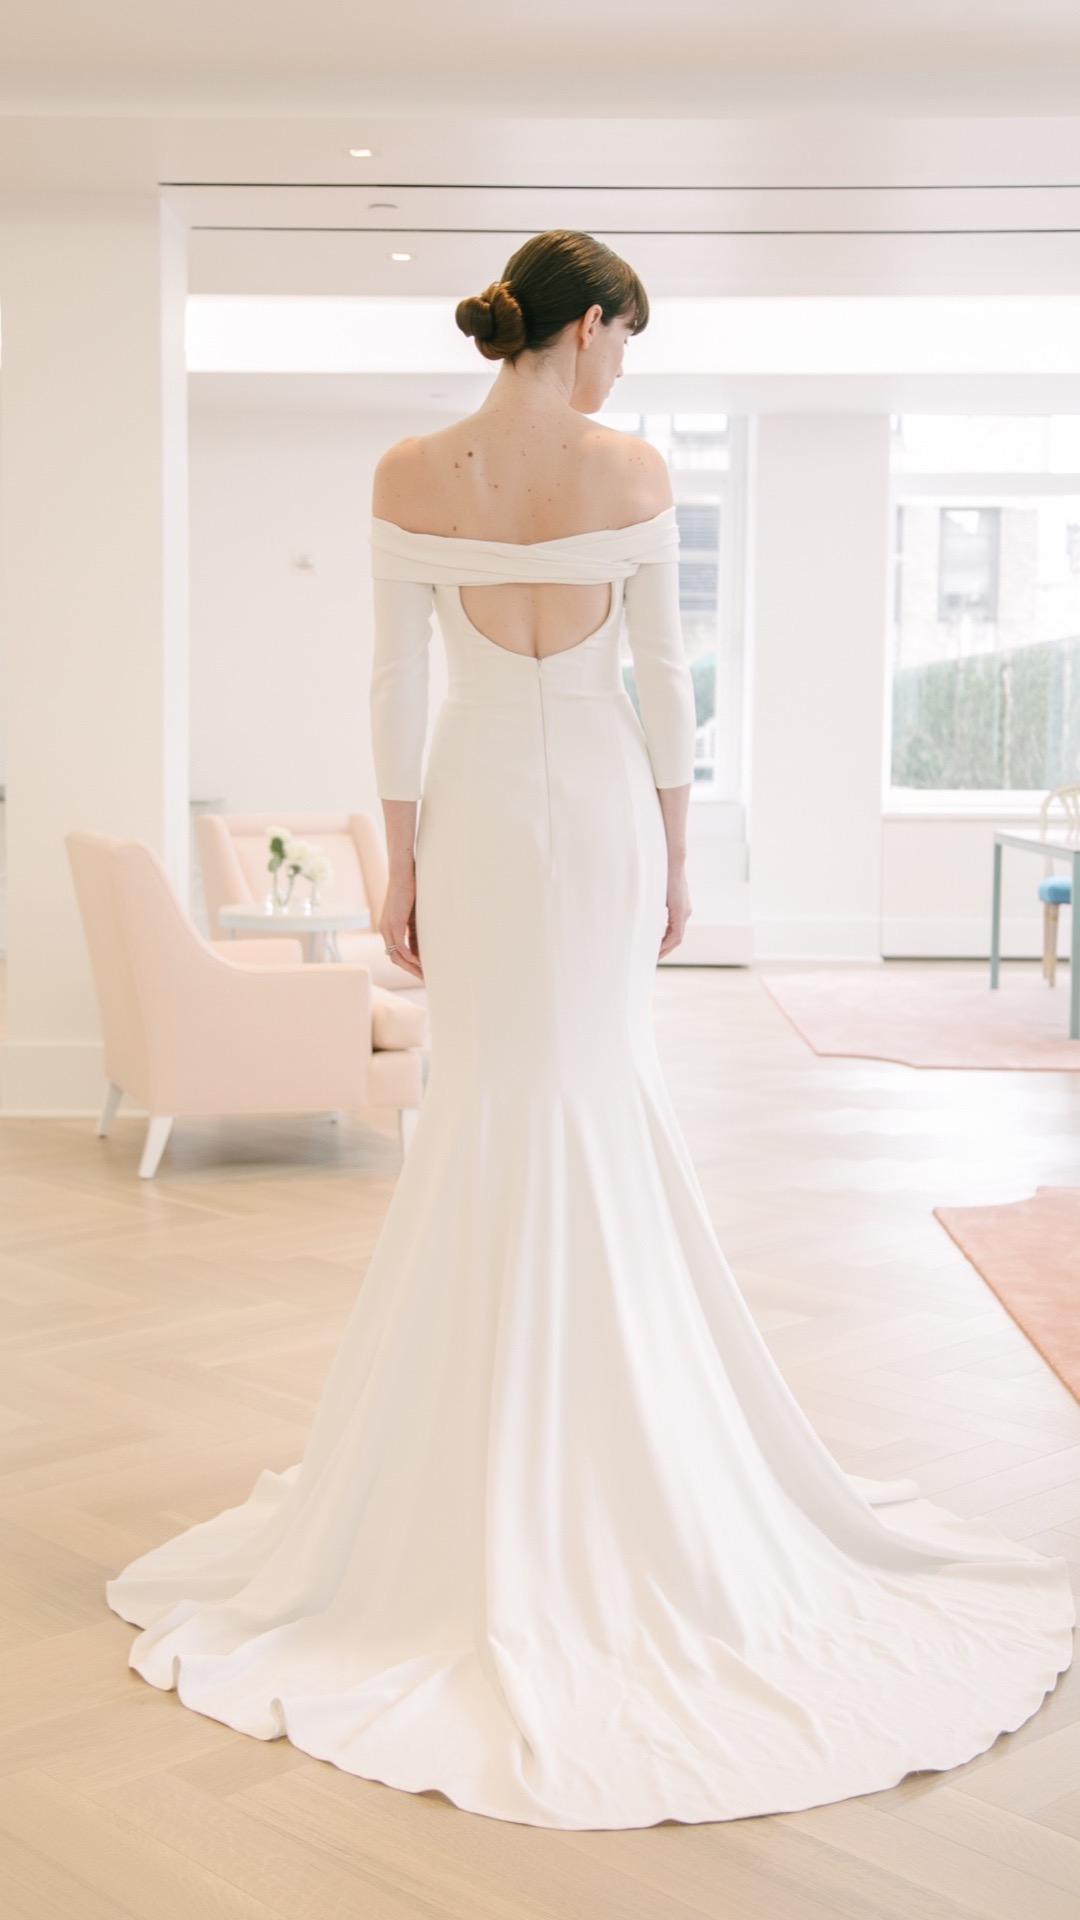 キャロリーナ・へレラのウェディングドレス